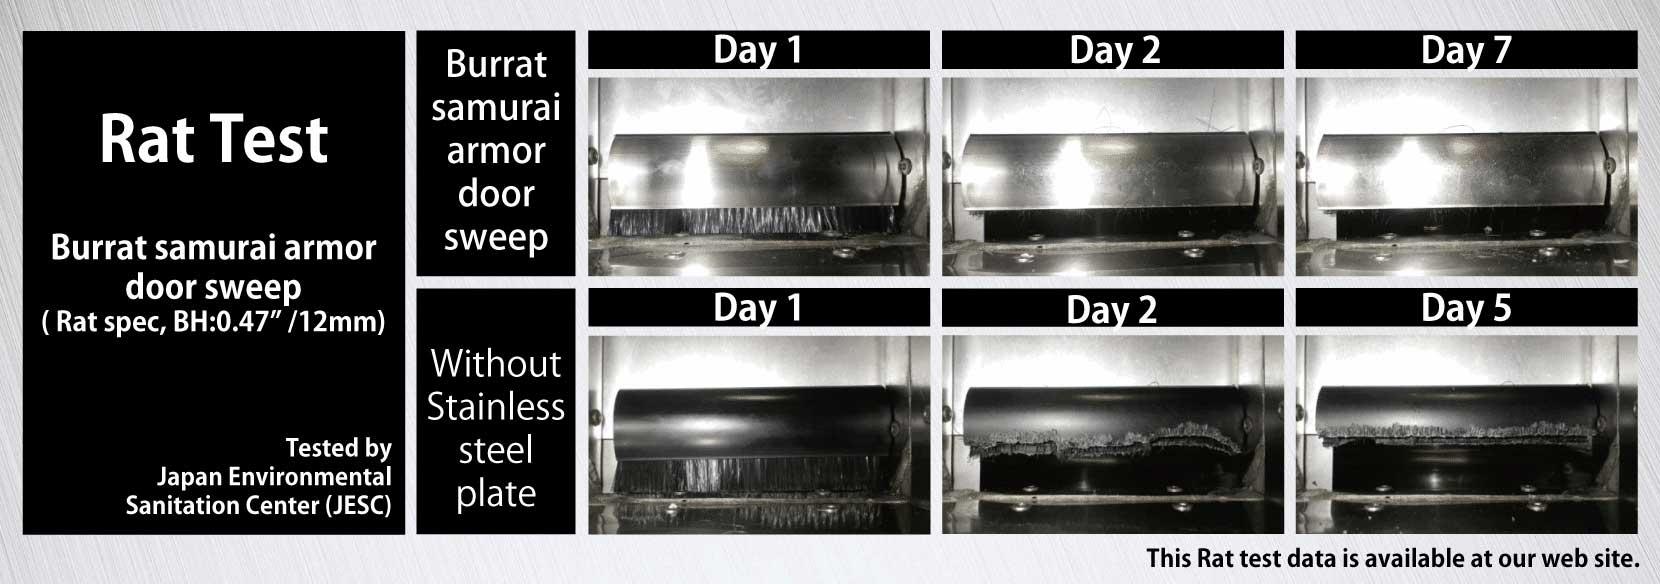 Burrat Rat Test